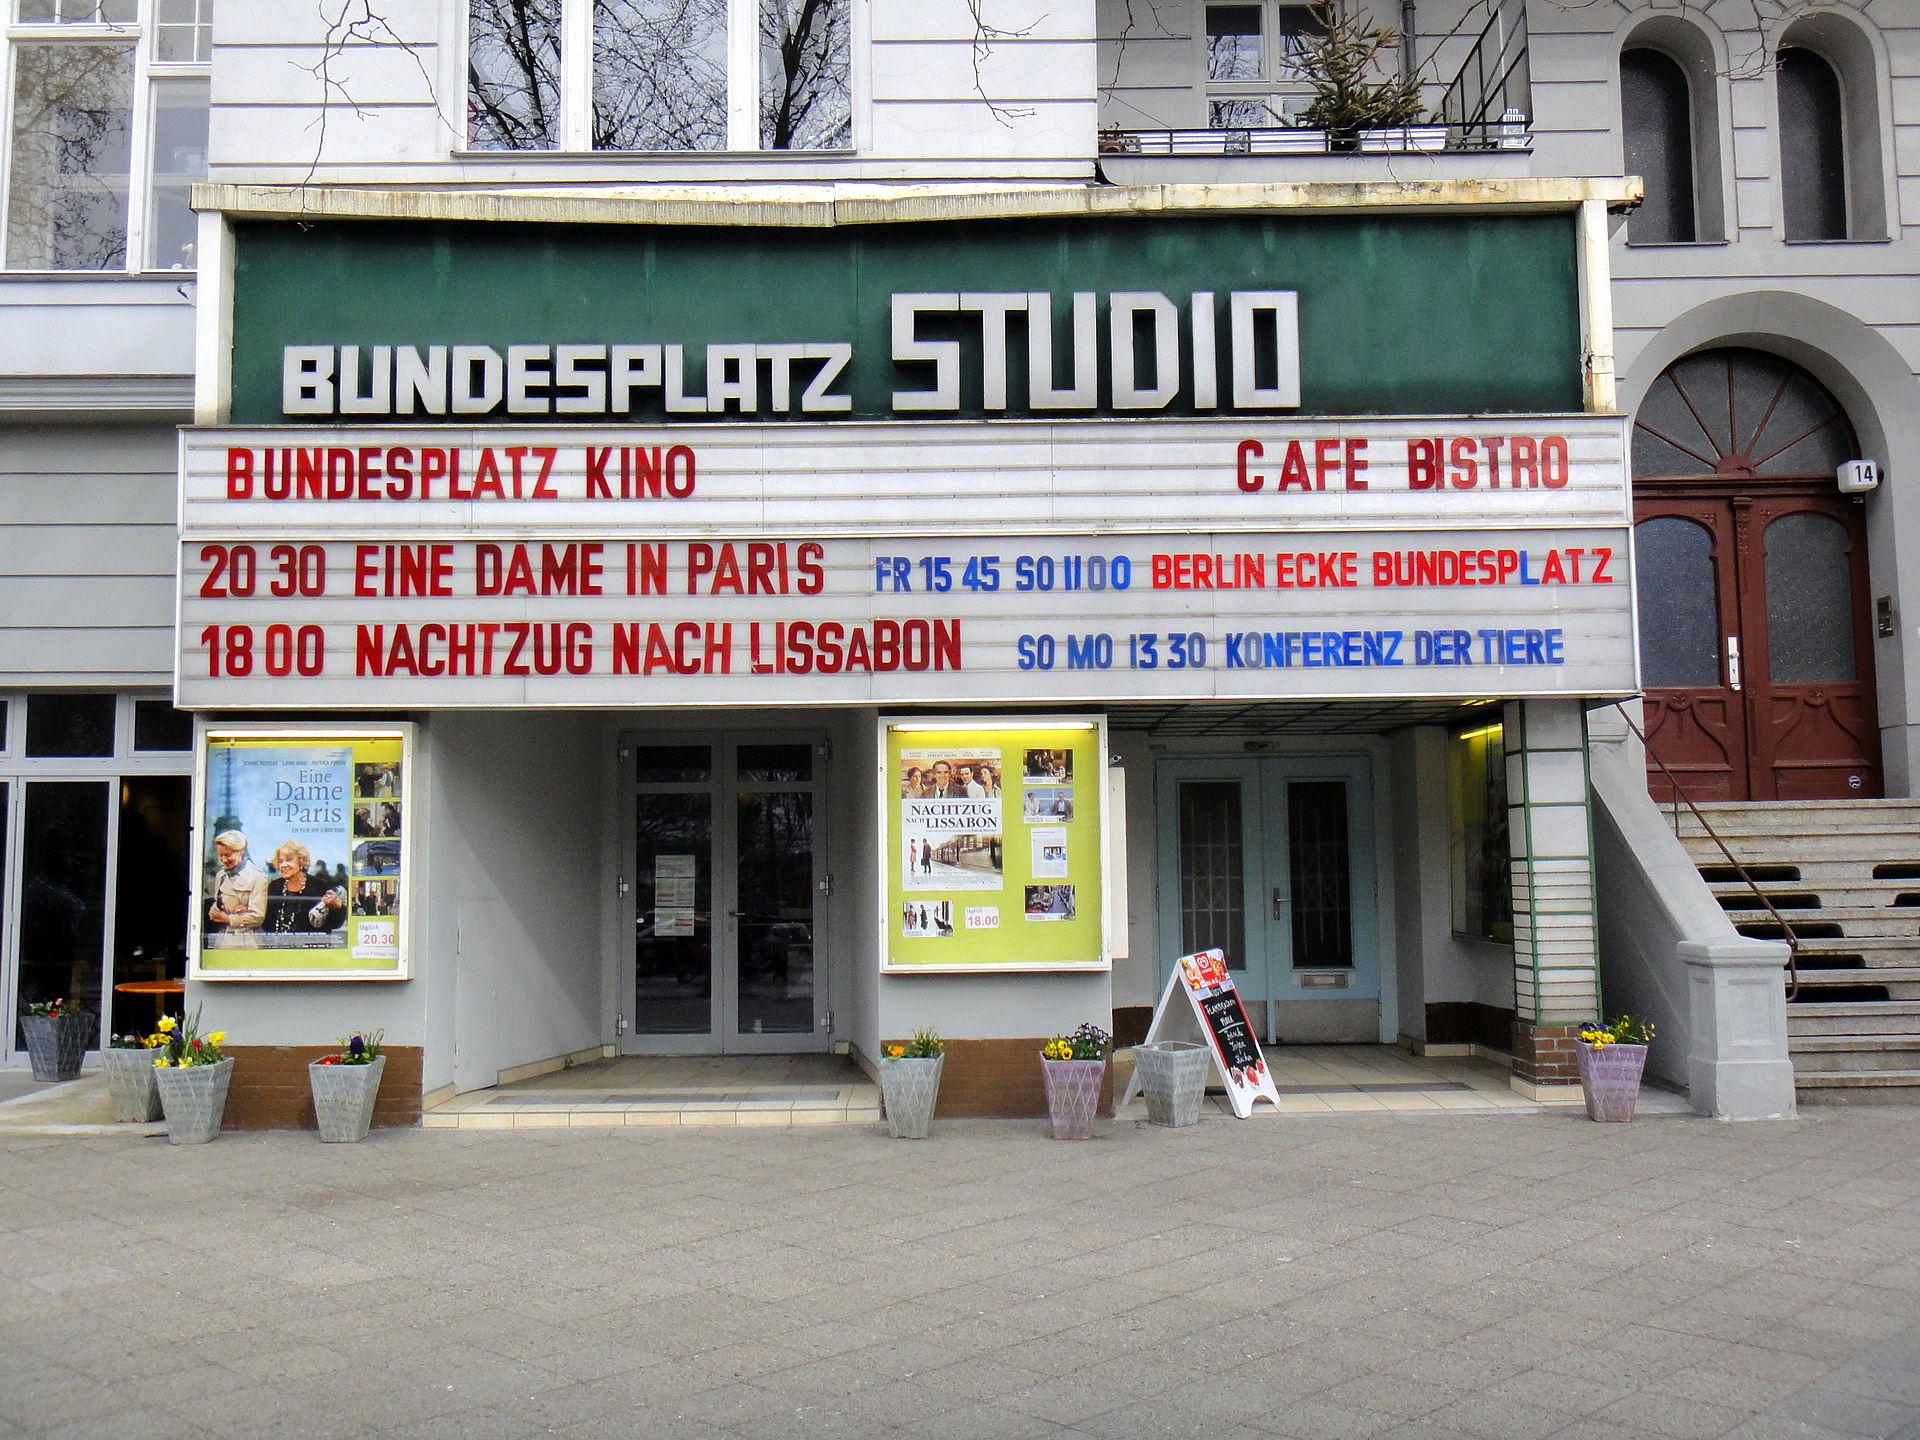 Bundesplatz Kino Berlin